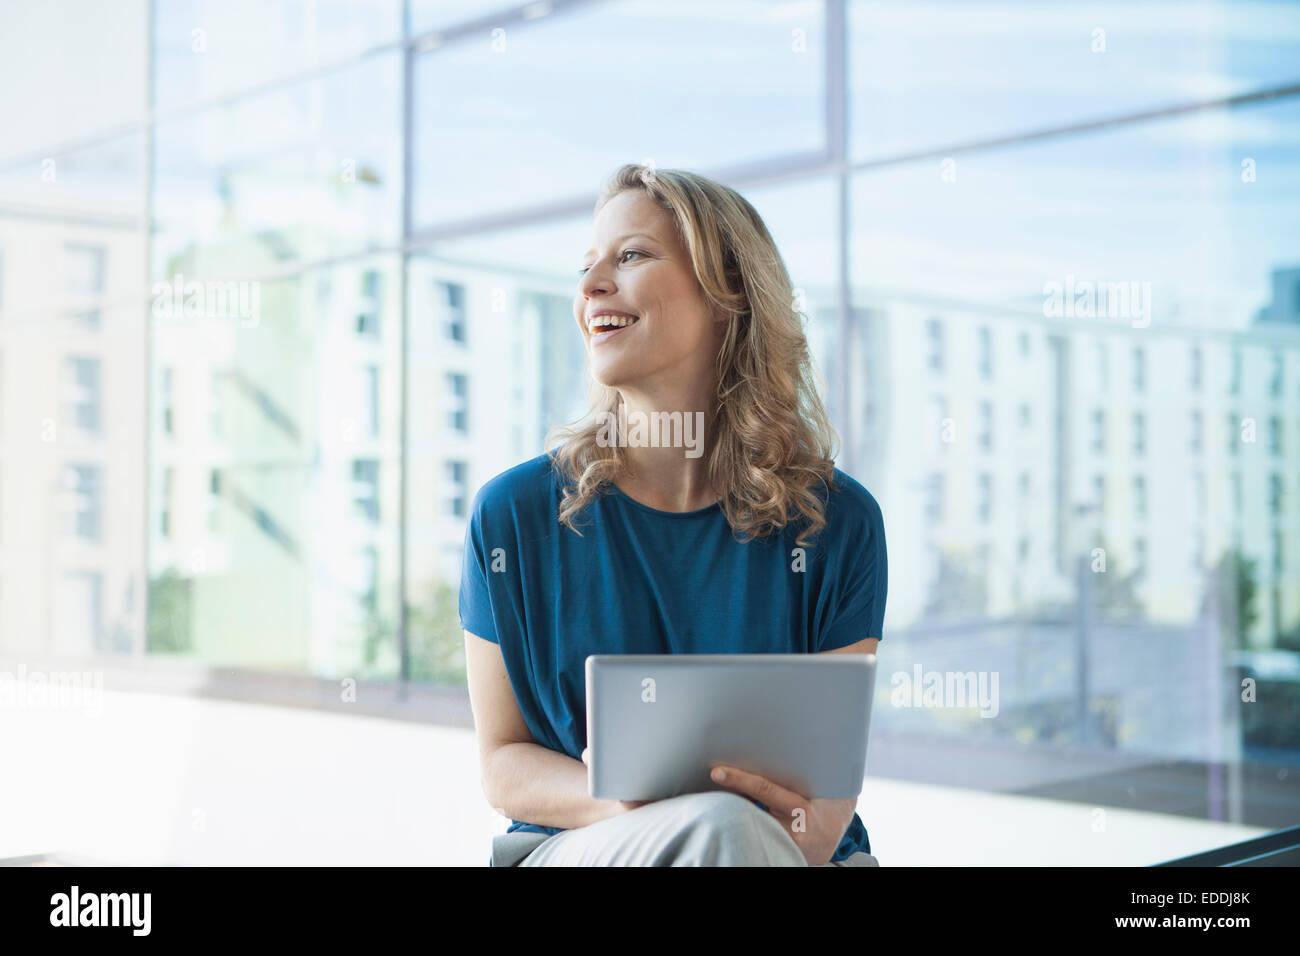 Sonriente mujer madura con tableta digital sentada en su apartamento Imagen De Stock